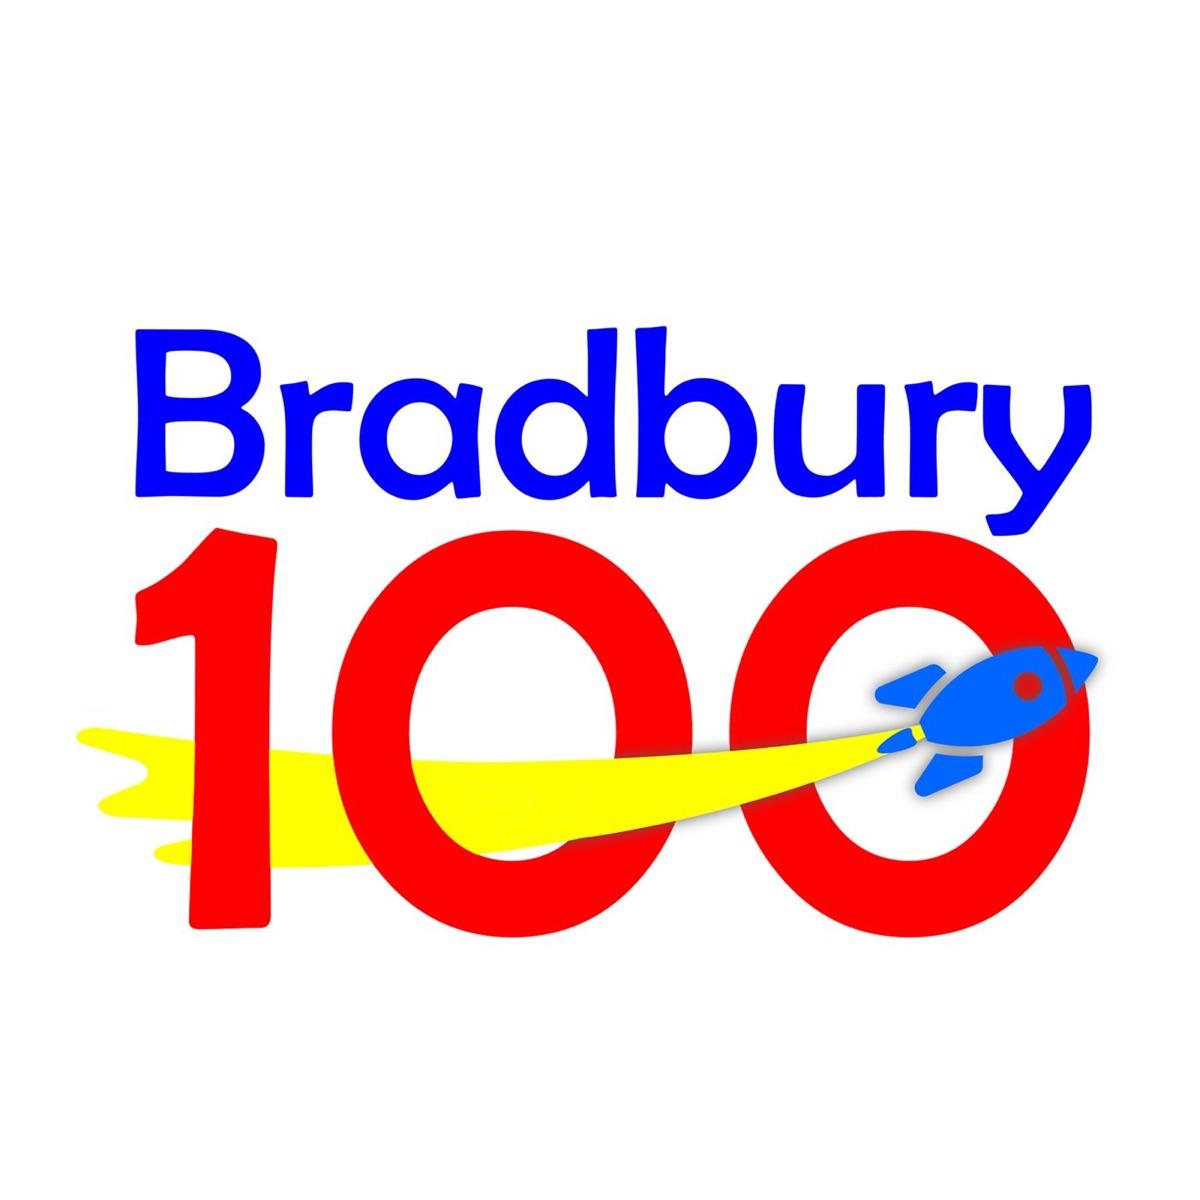 Bradbury 100 - celebrating the centenary of Ray Bradbury